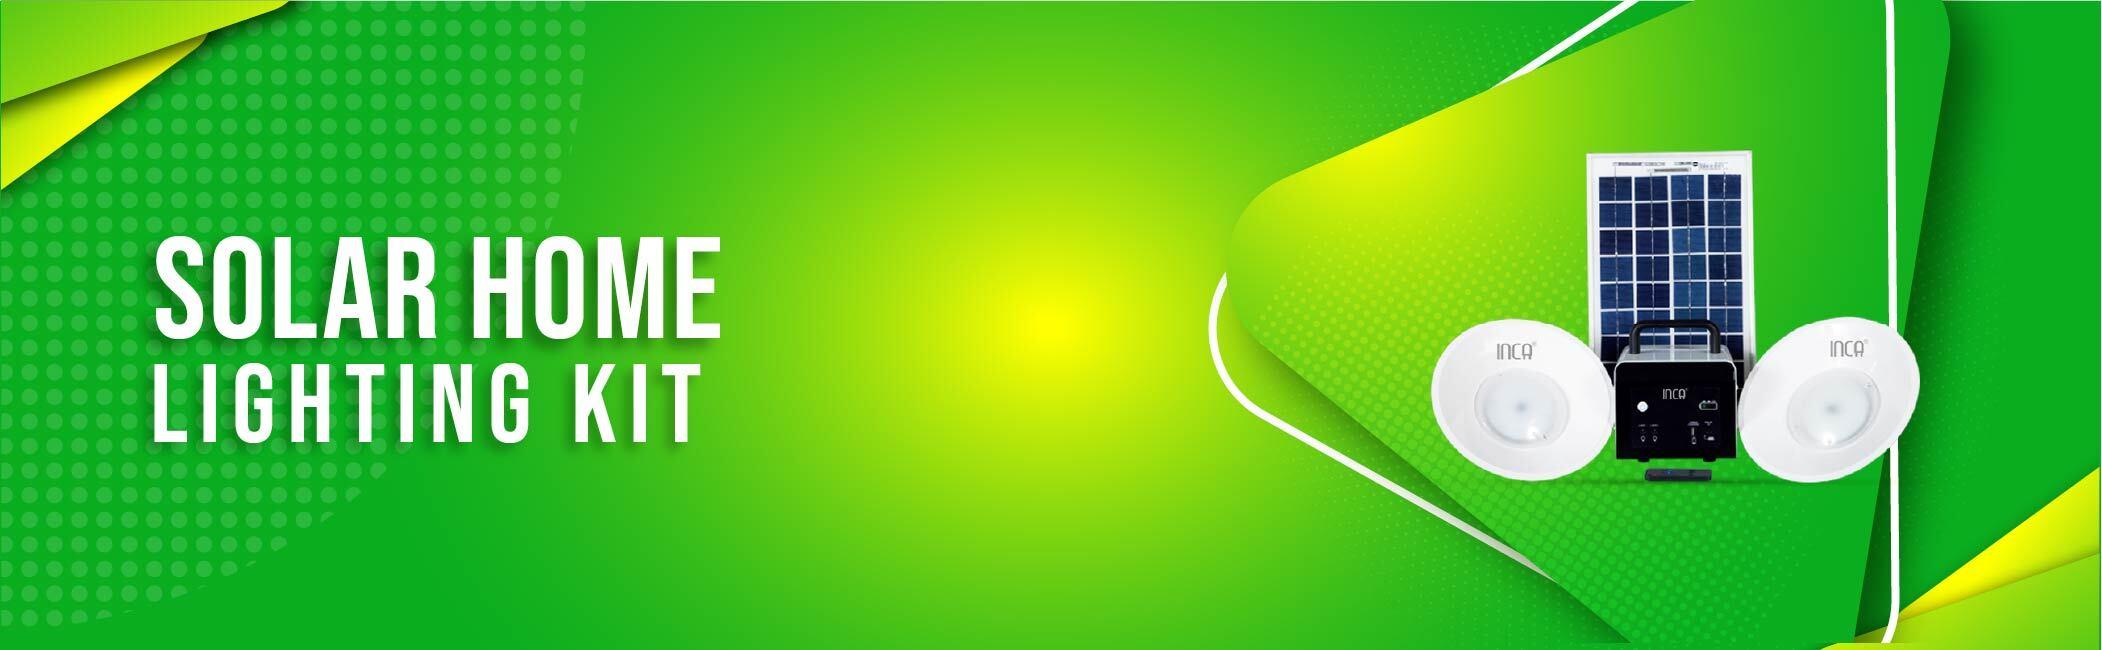 Inca - Solar home lighting kit